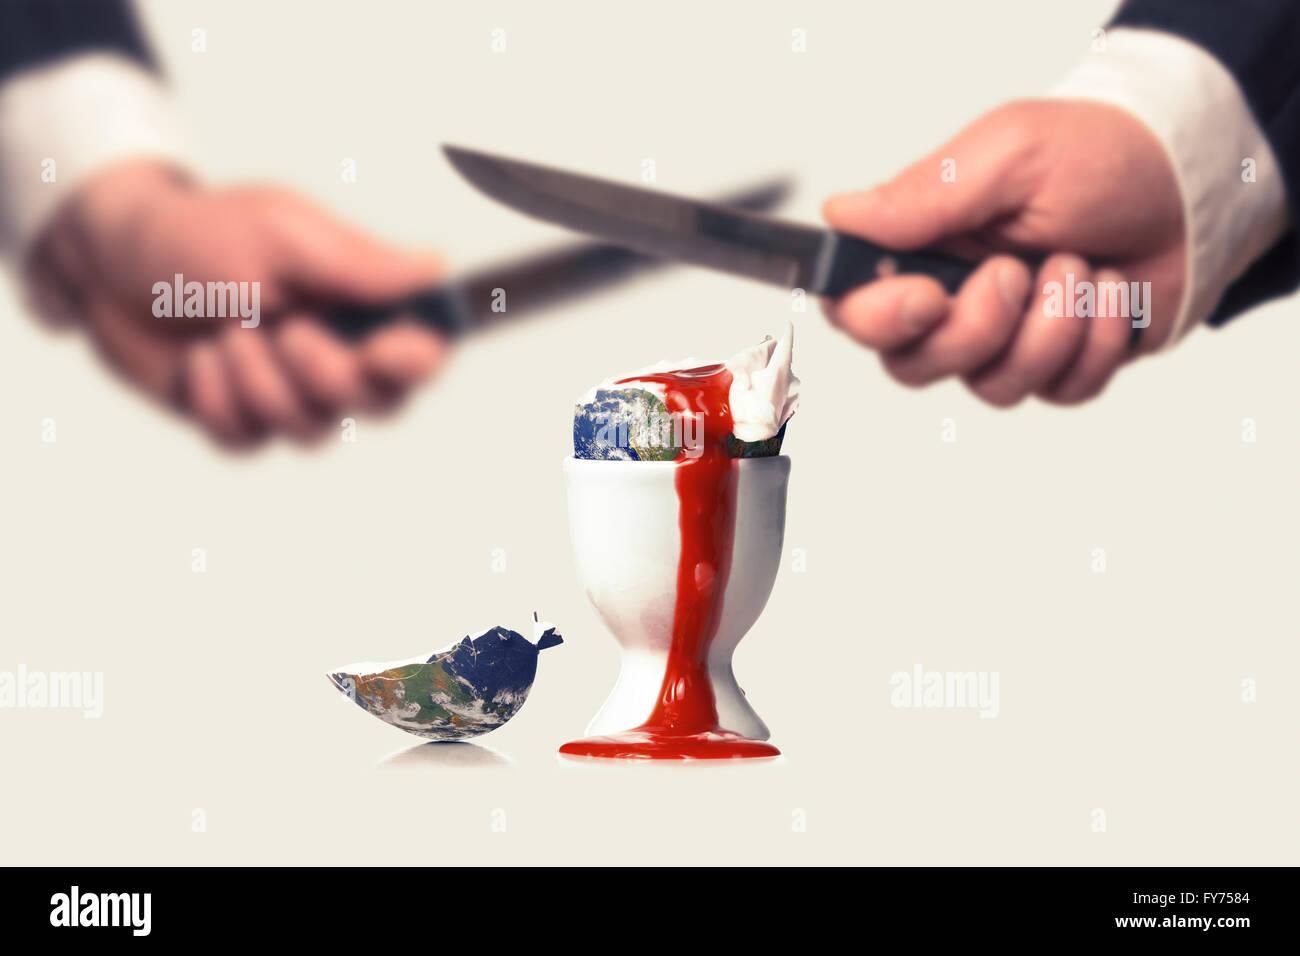 Los empresarios destruir la tierra con cuchillos simbolizada por un sangrado de huevo Imagen De Stock